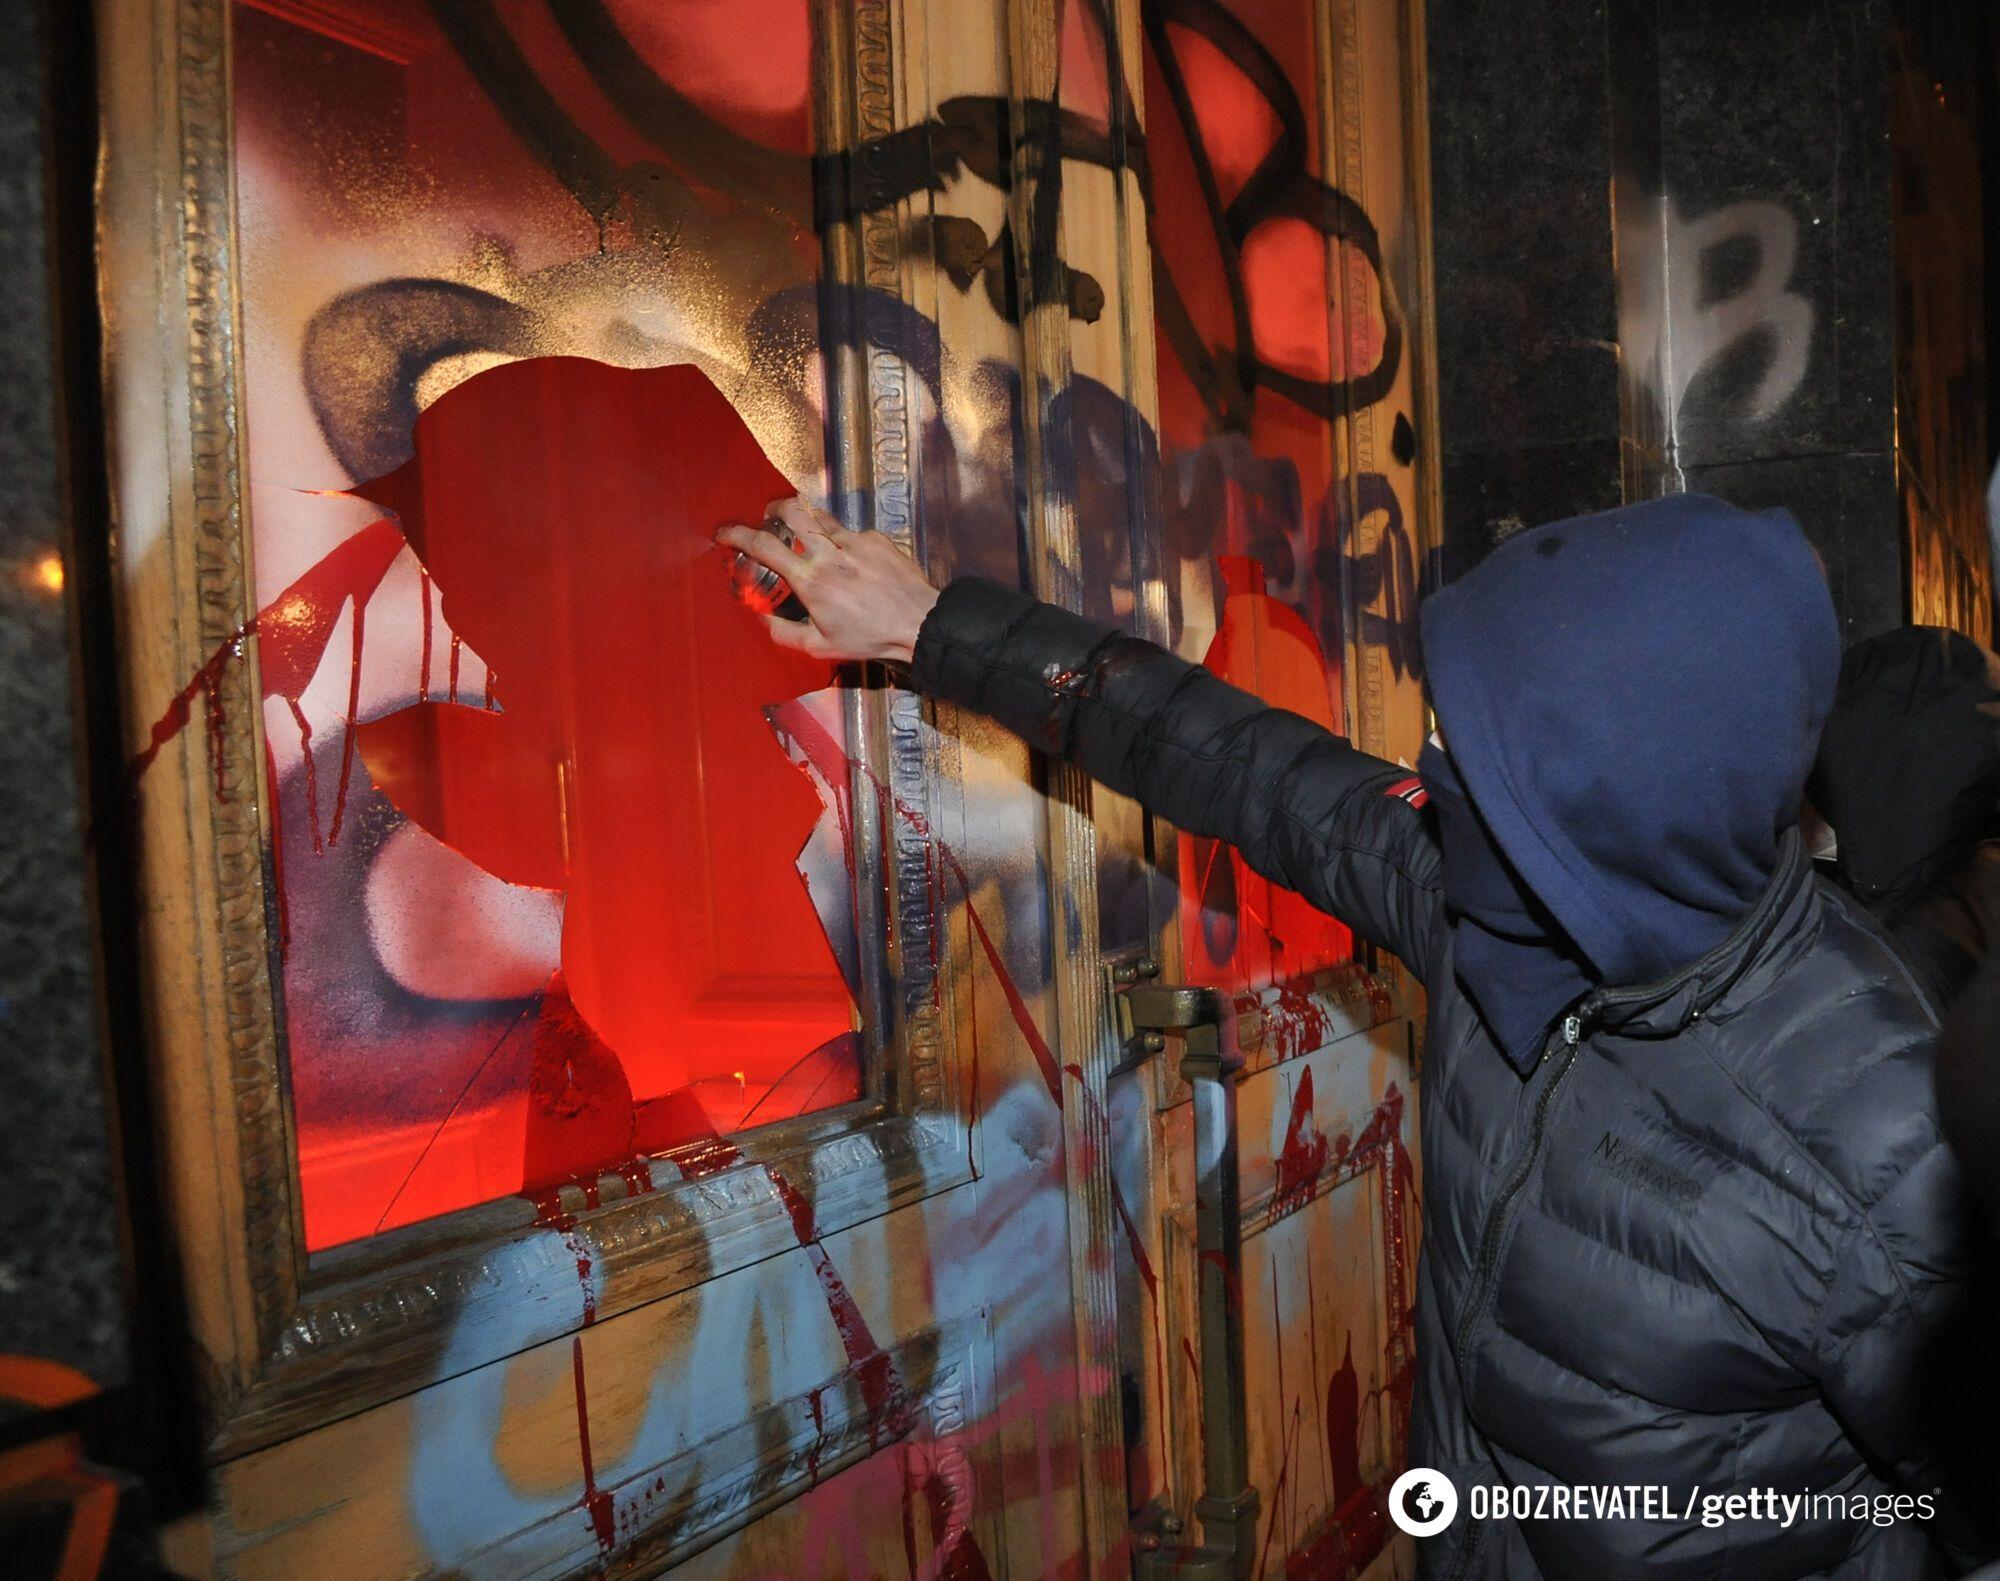 Протестувальники обливали будівлю червоною фарбою